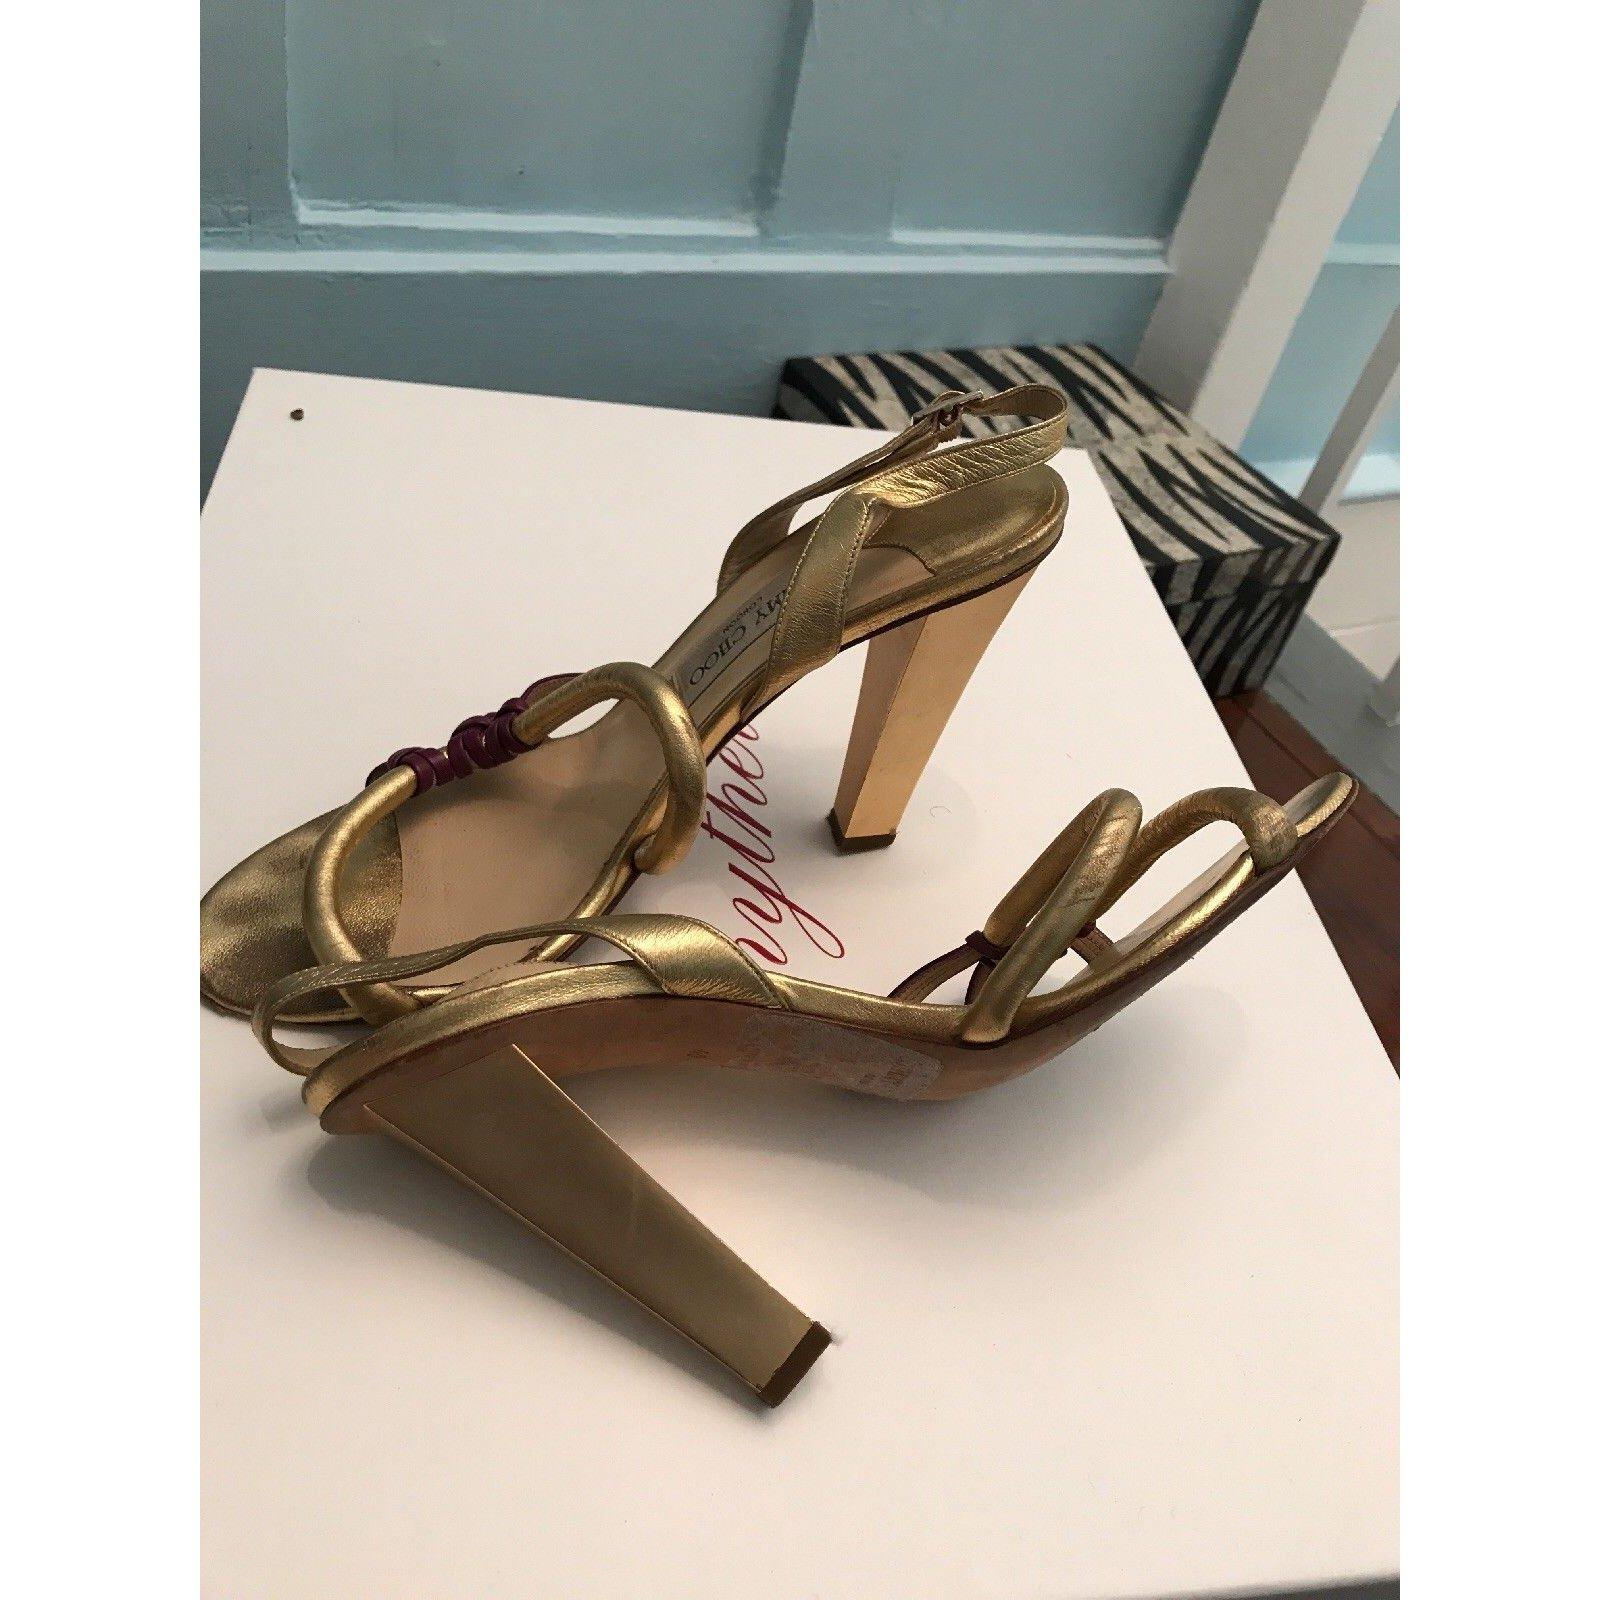 d2019623d017 Jimmy Choo Golden Evening Shoes Heels Leather Golden